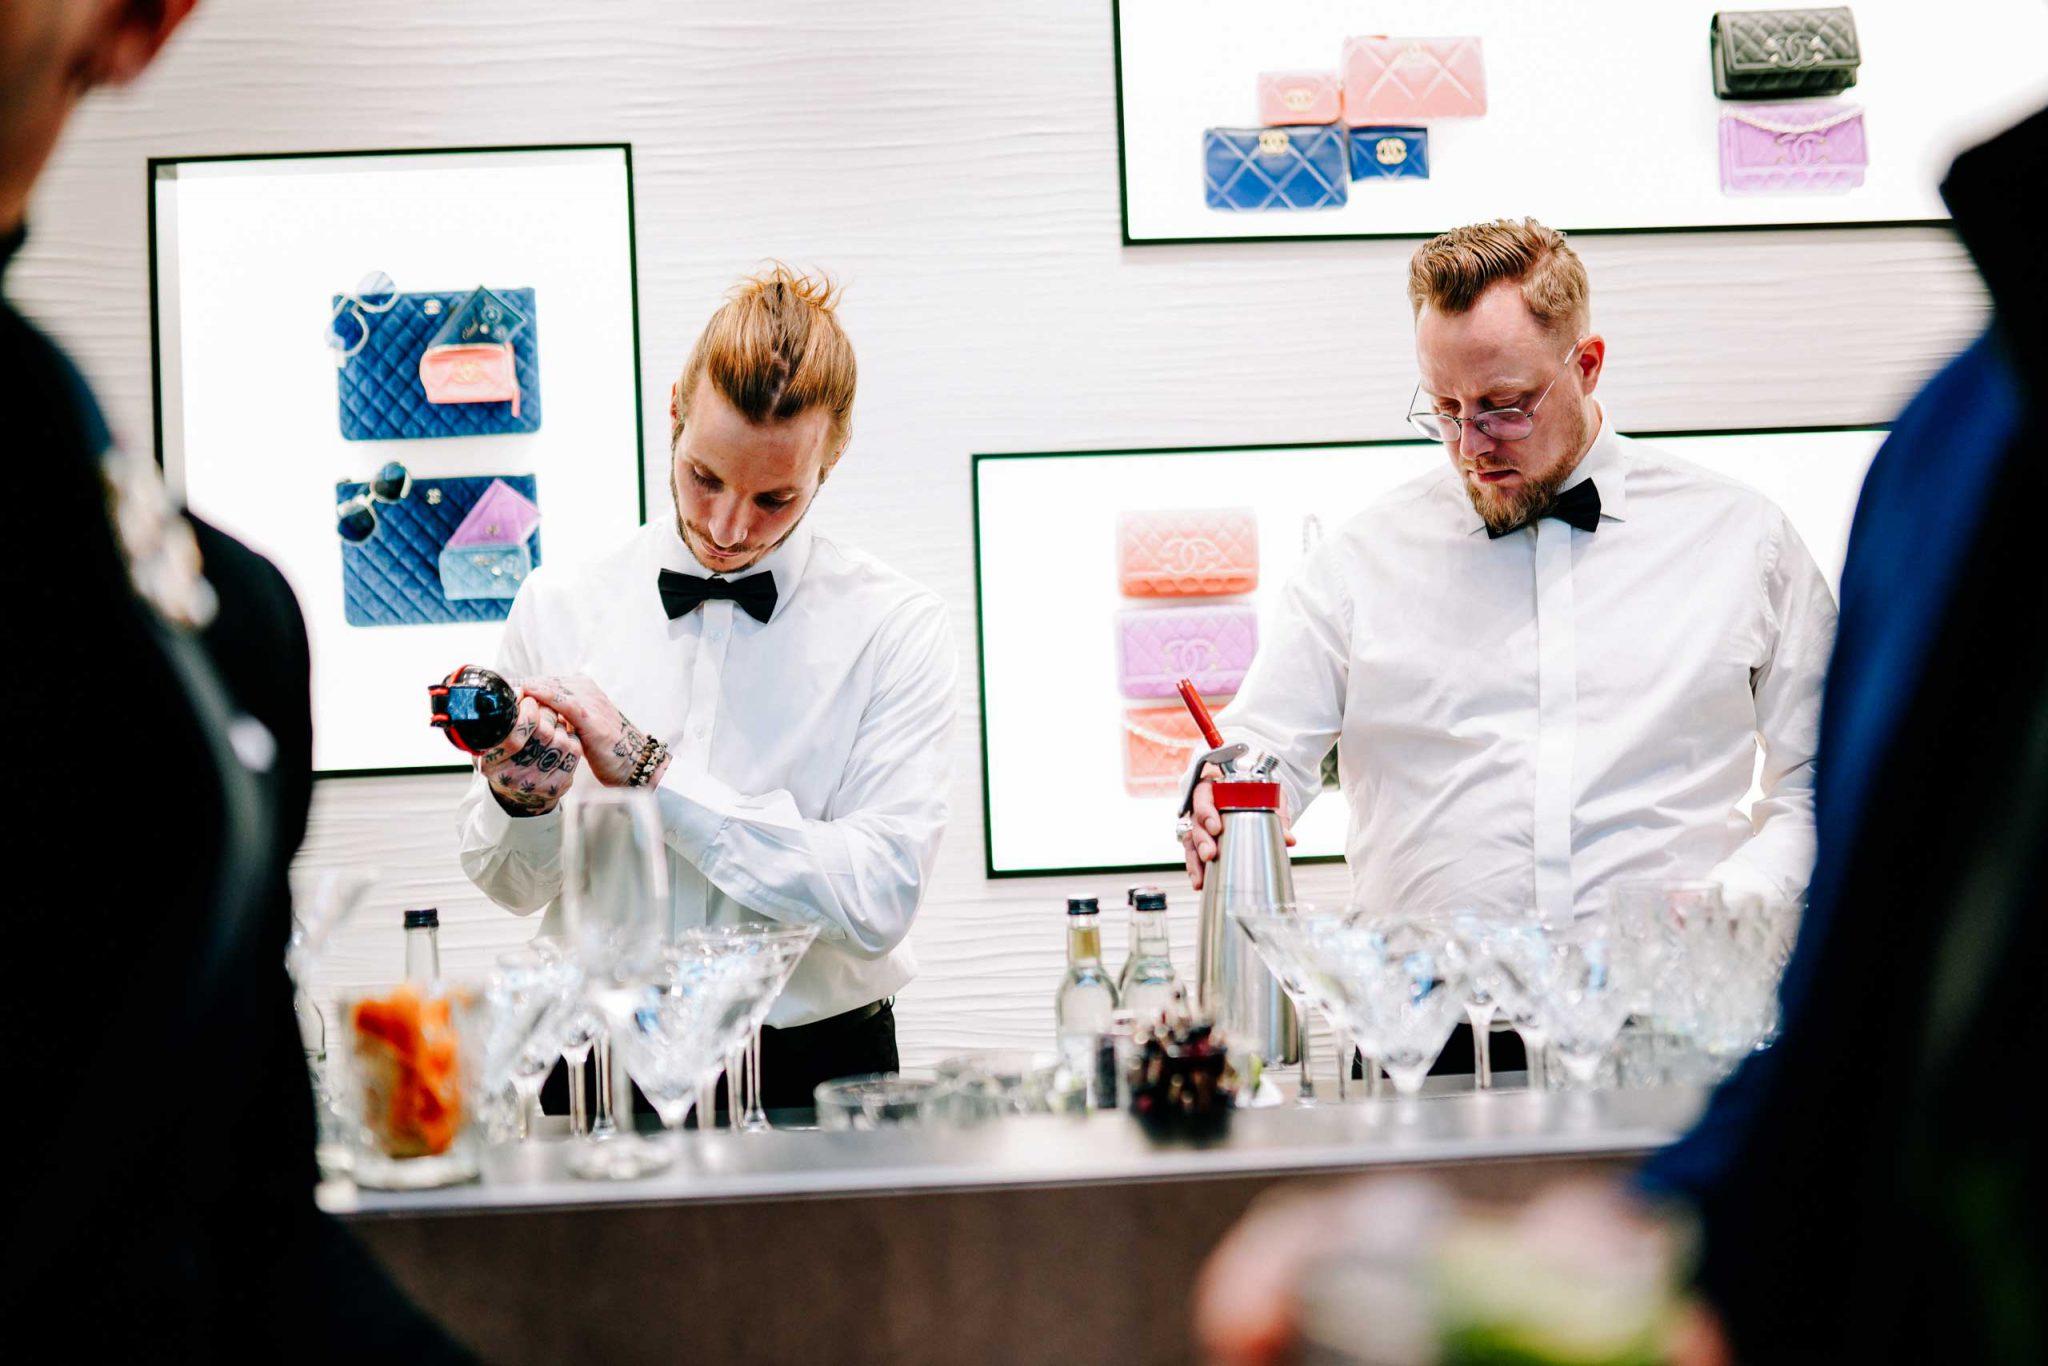 Chanel_Boutique_Cocktail_event_Ilsoo_van_Dijk_07122019-01013